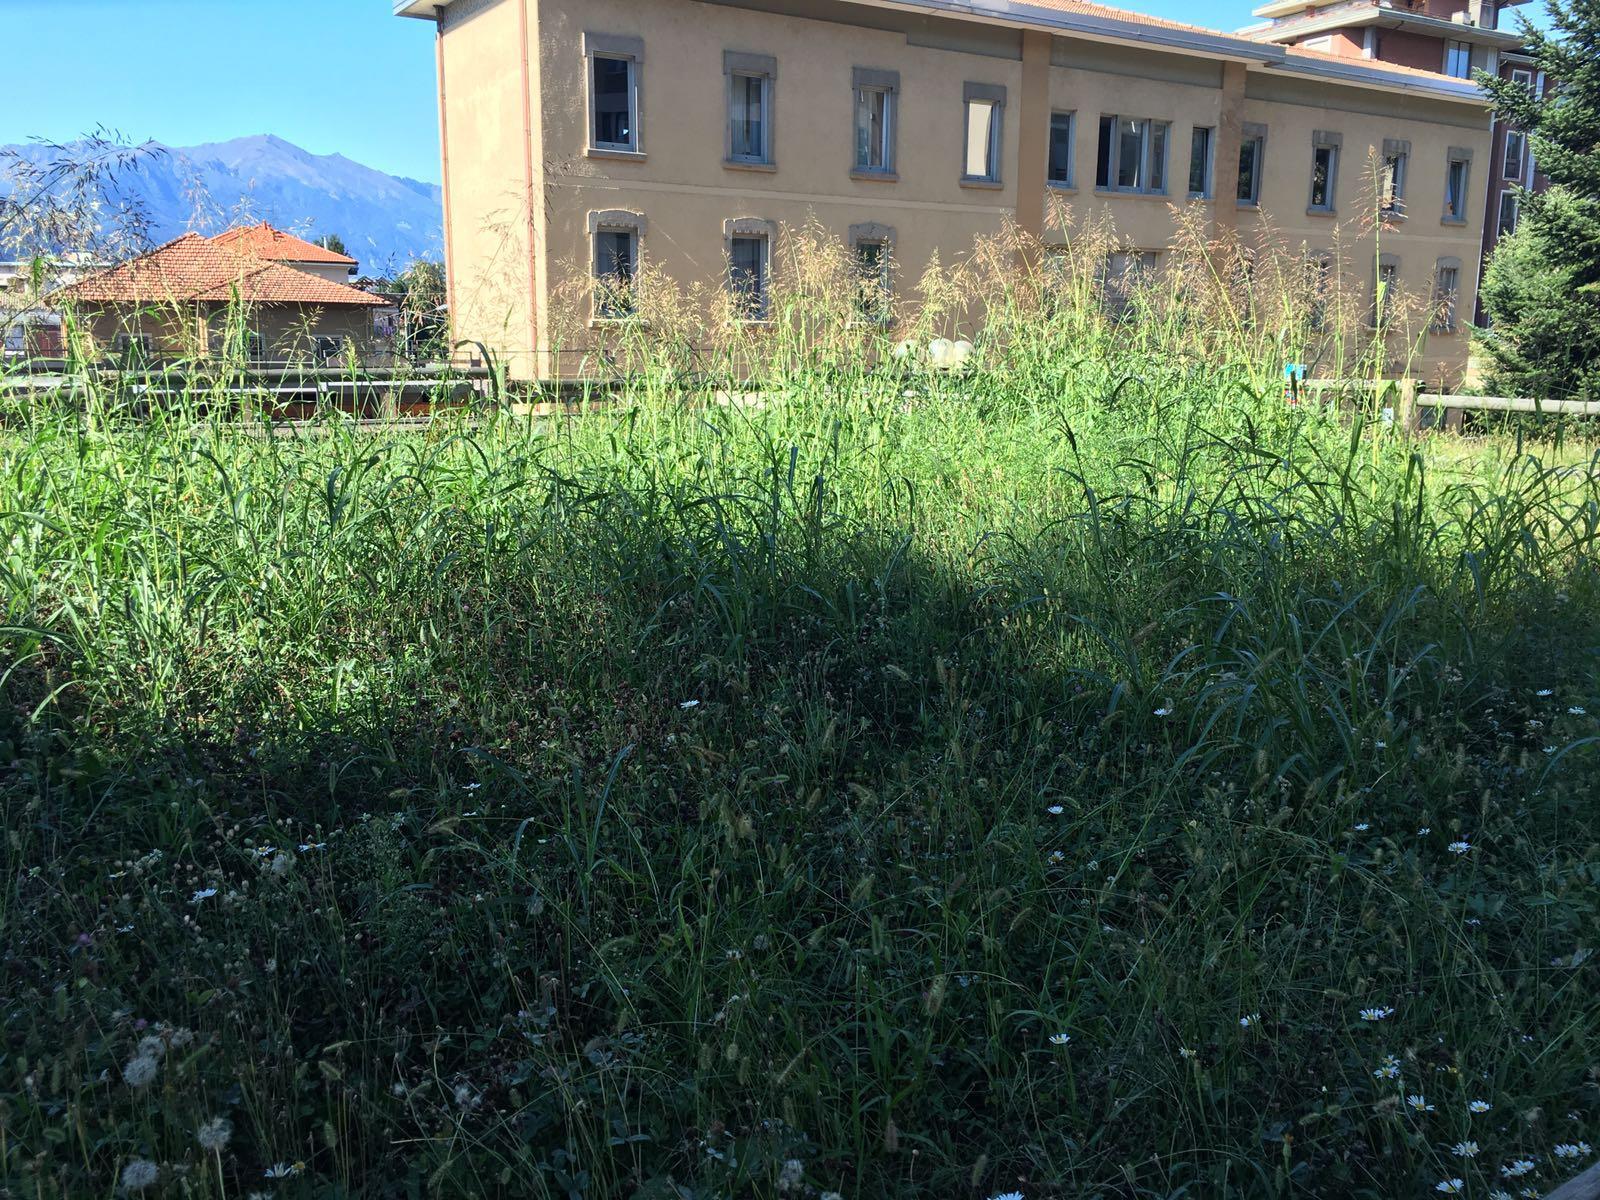 """Ospedale di Luino, """"Come mai il taglio dell'erba è previsto solo con l'arrivo dei politici? Questa la nostra quotidianità"""""""